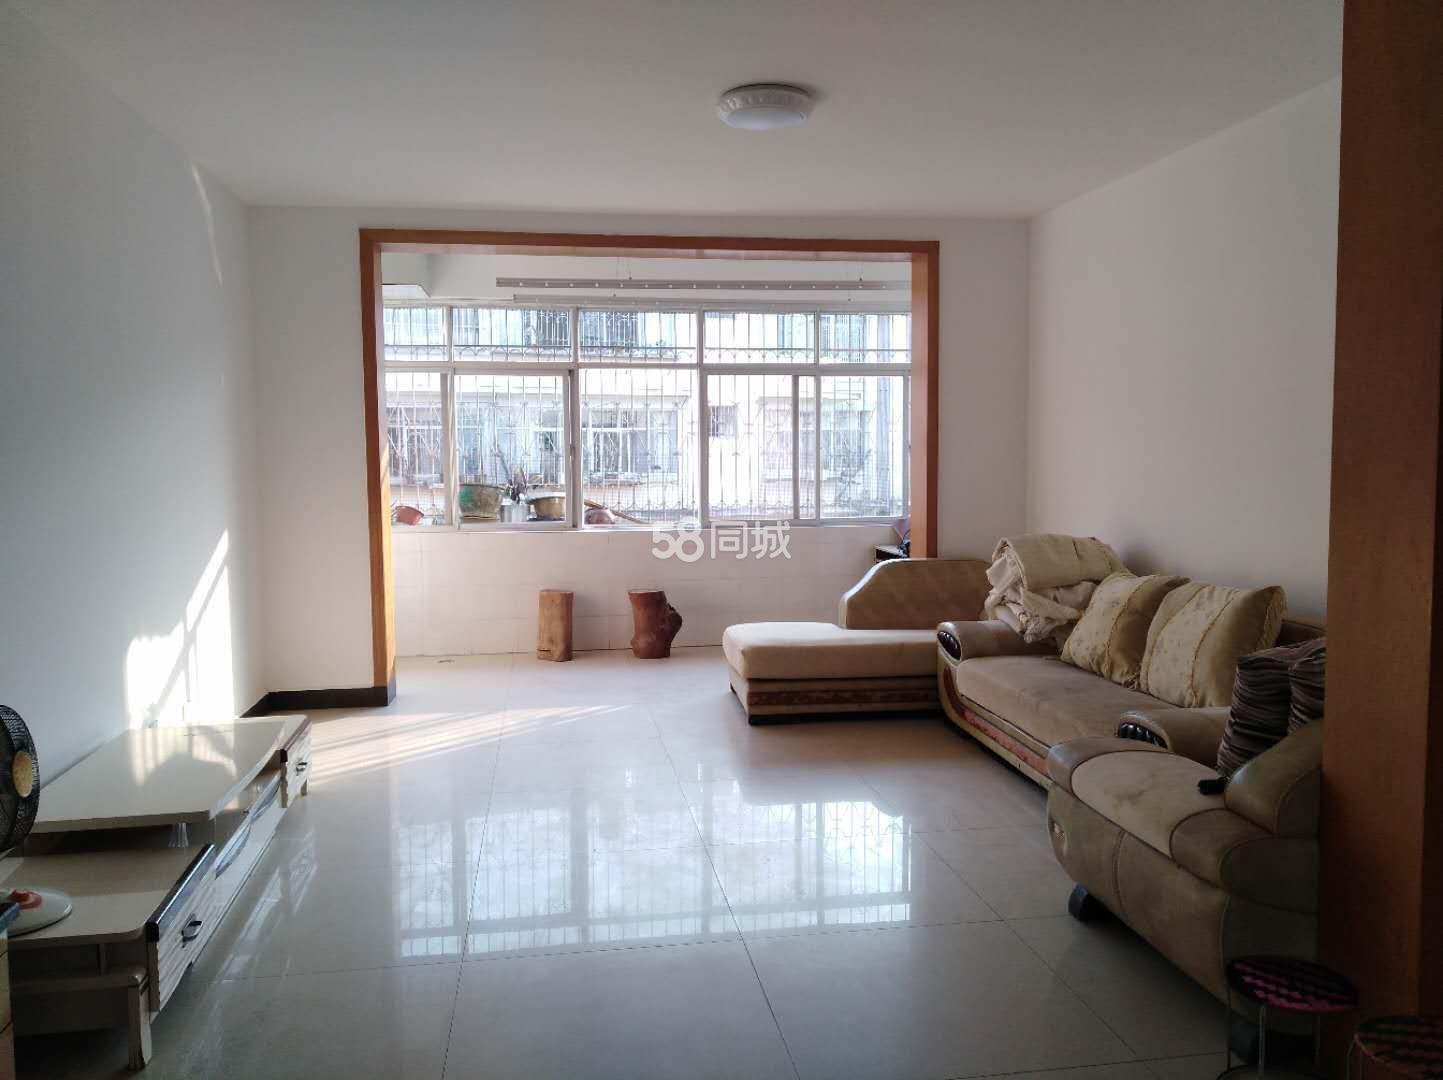 林苑小区茶马古镇南北中套房公寓4室2厅2卫